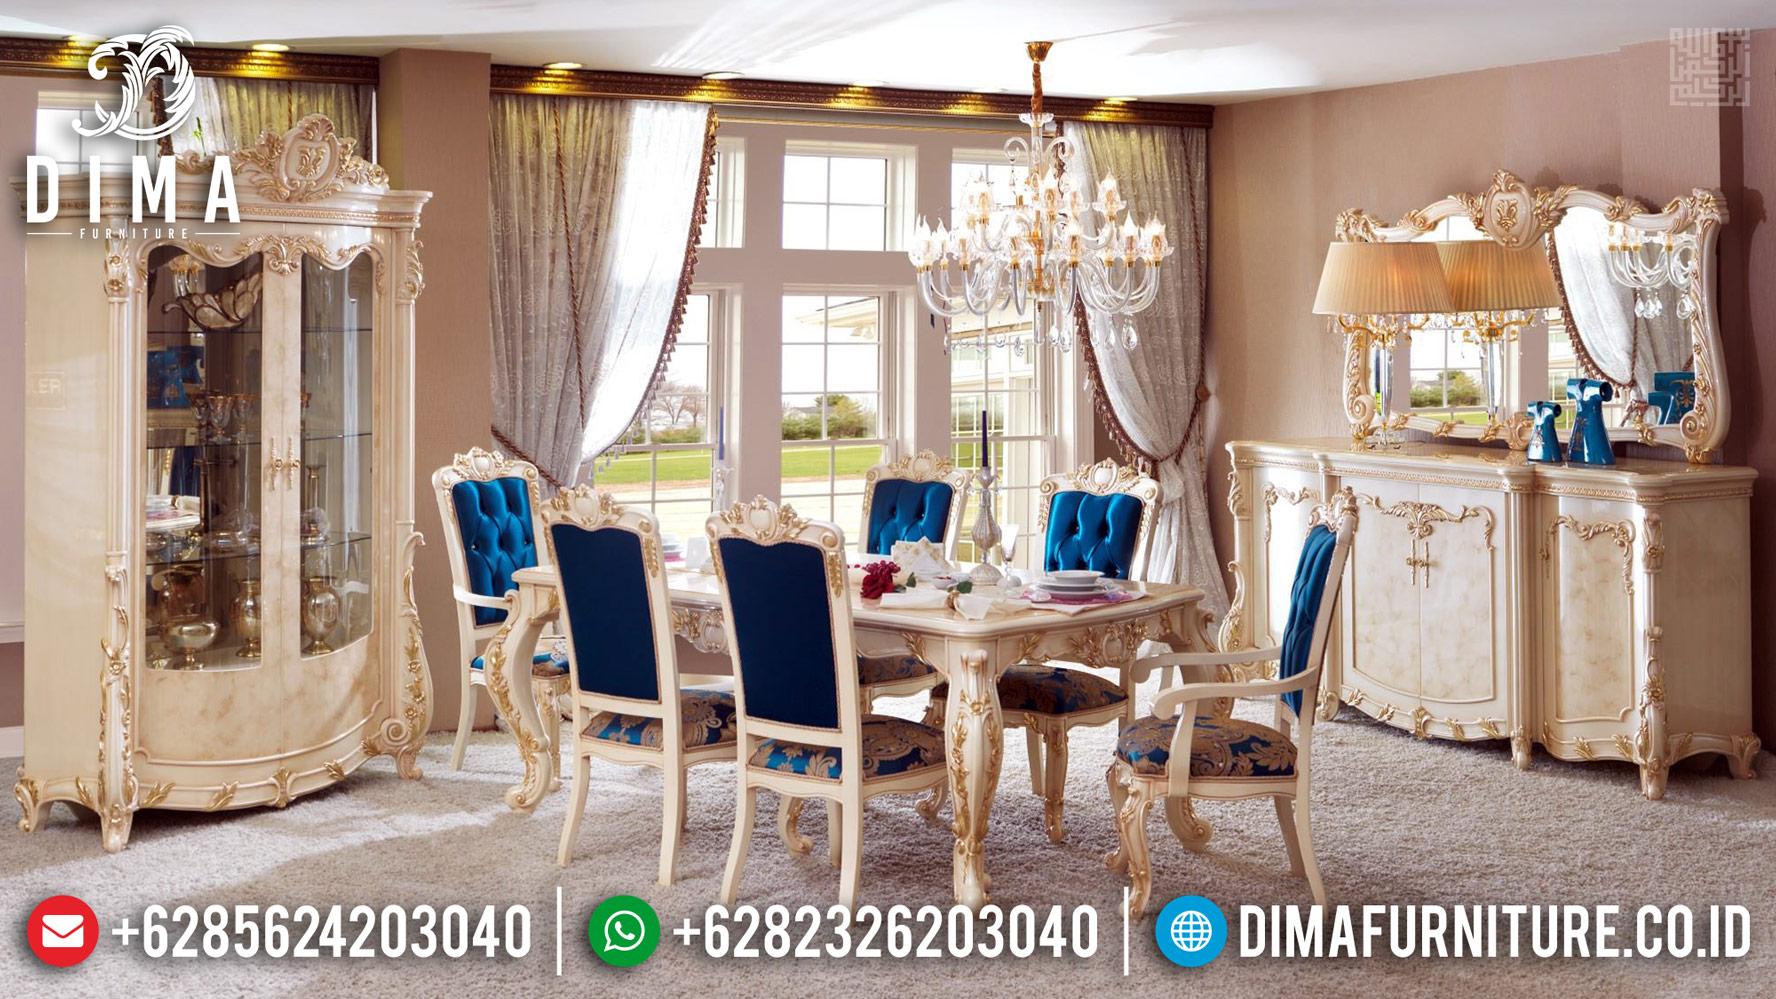 New Meja Makan Mewah Elegant Luxury Deluxe Furniture Jepara BT-0377